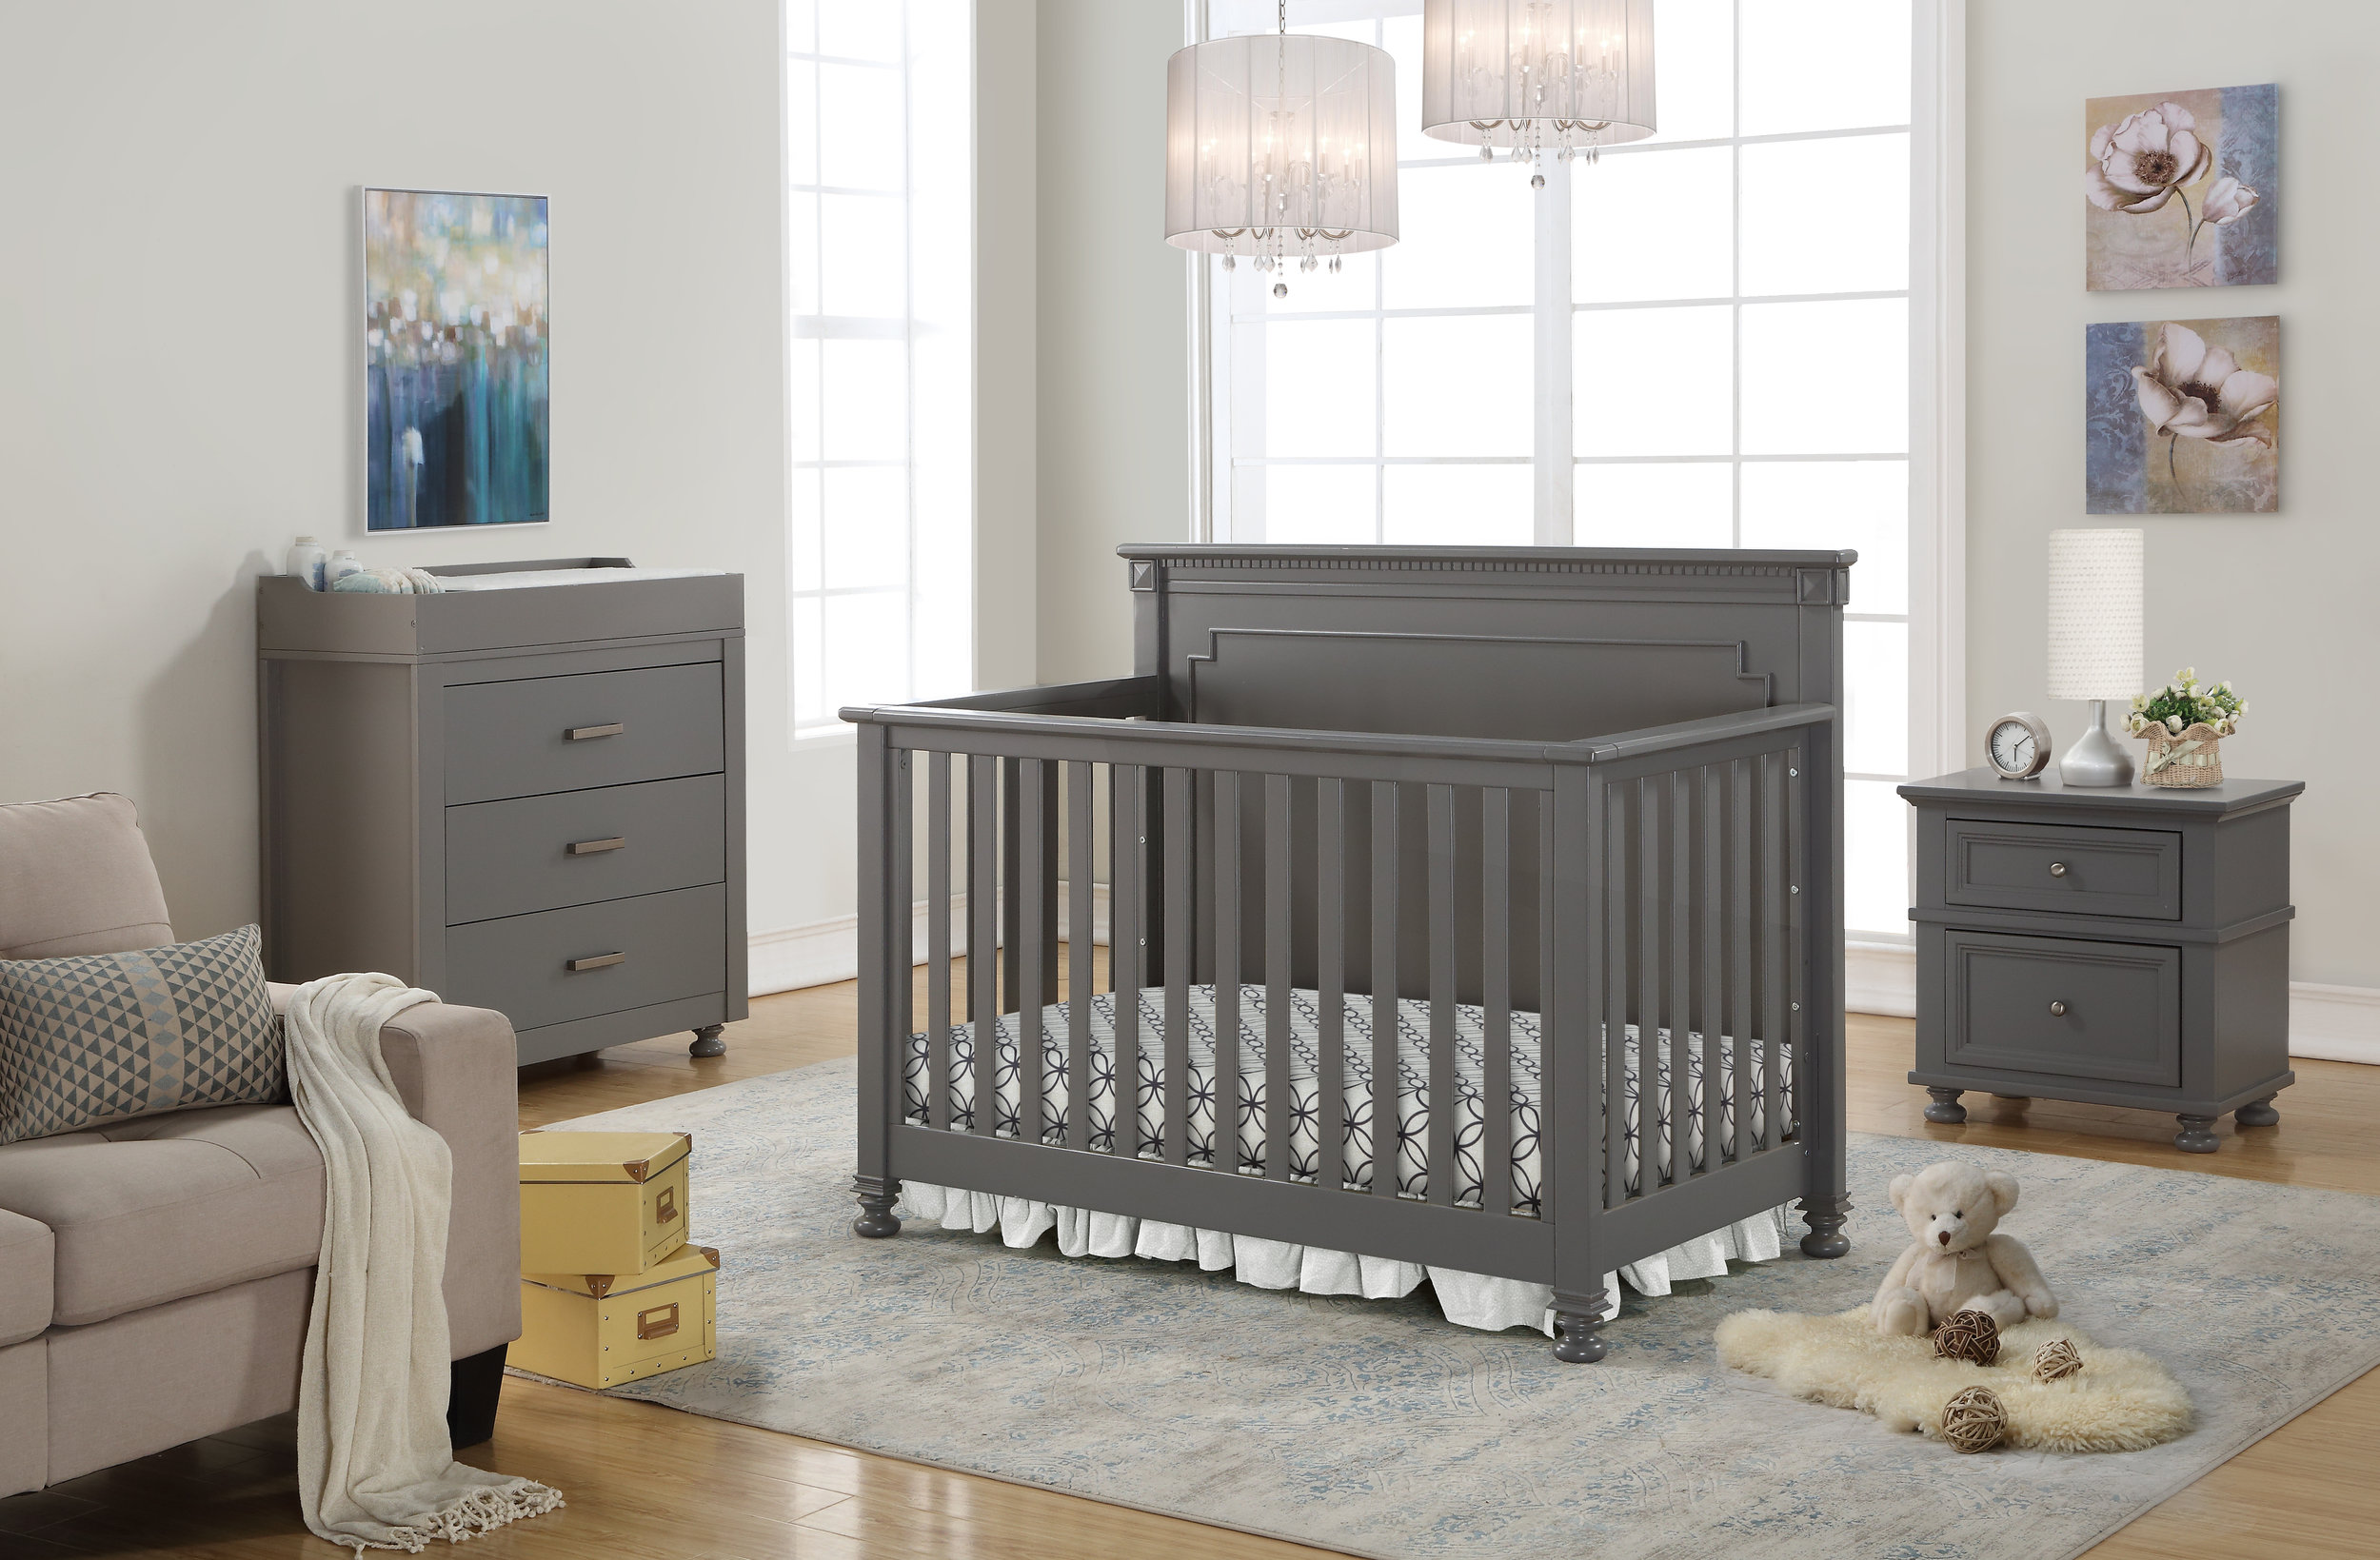 HR Belgian Crib with 3Dr Dresser & NT - Pebble Grey.jpg